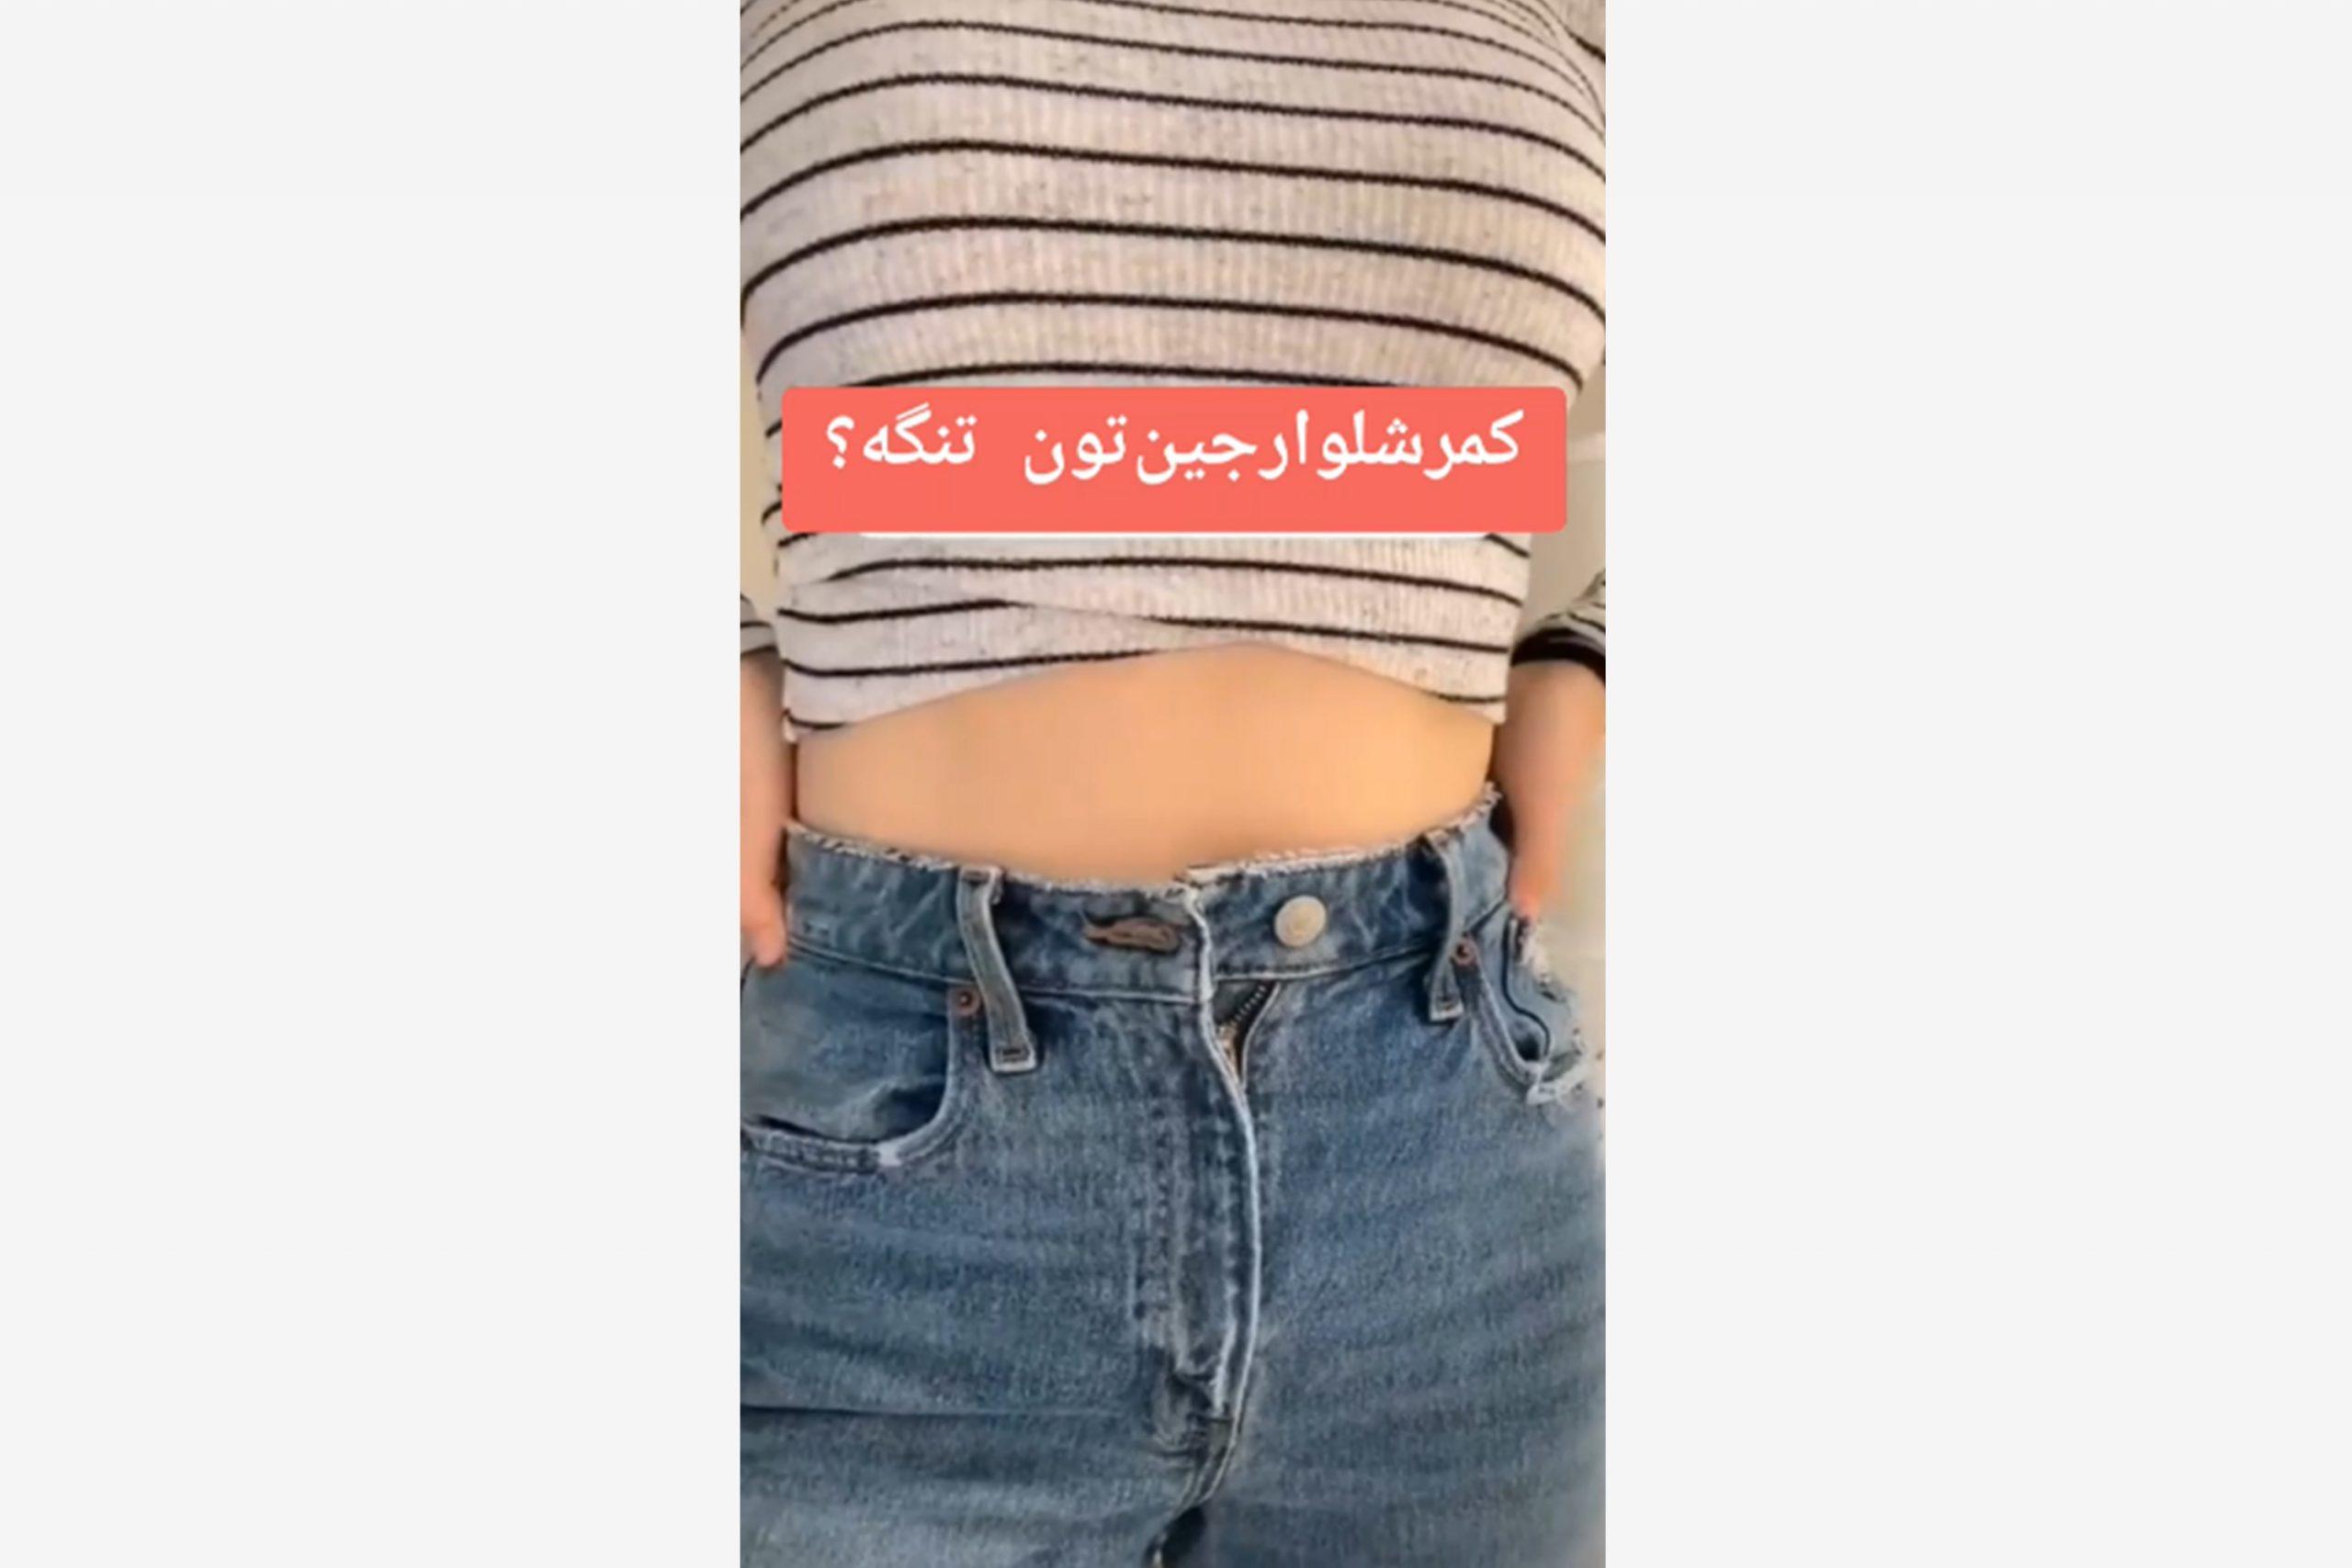 ترفند پوشیدن شلوار جین تنگ شده